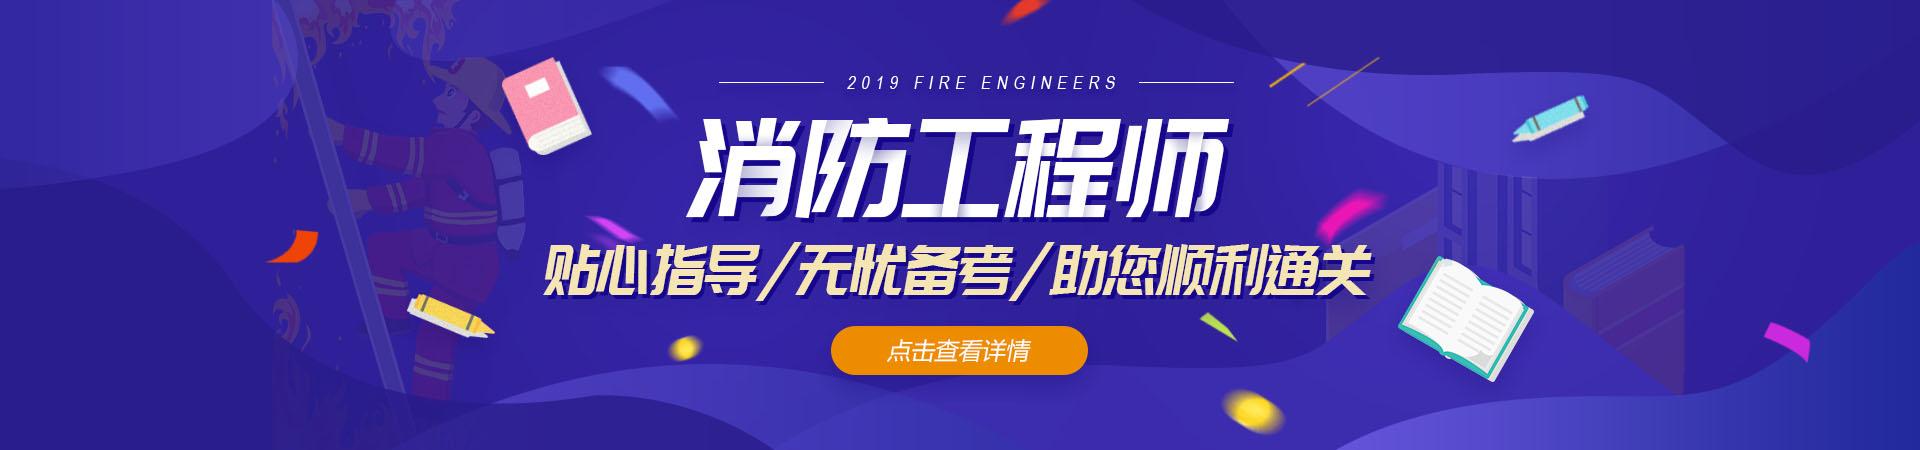 学习注册消防工程师